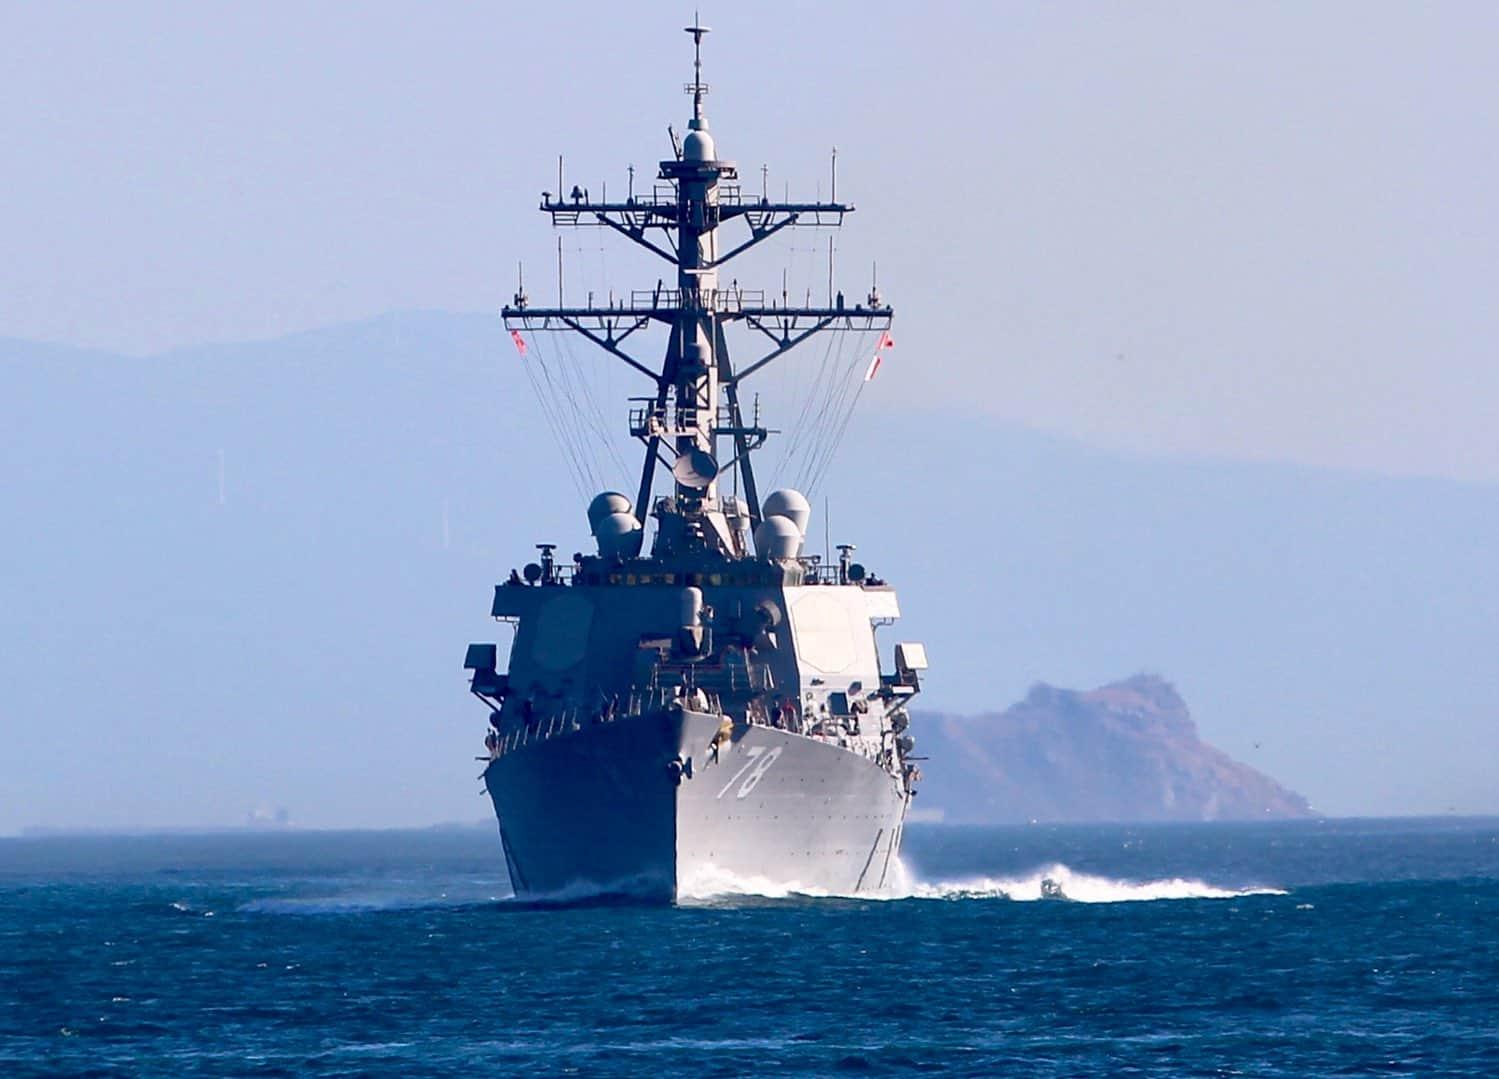 USS Porter (DDG 78) під час переходу Босфору 8 серпня 2019 року